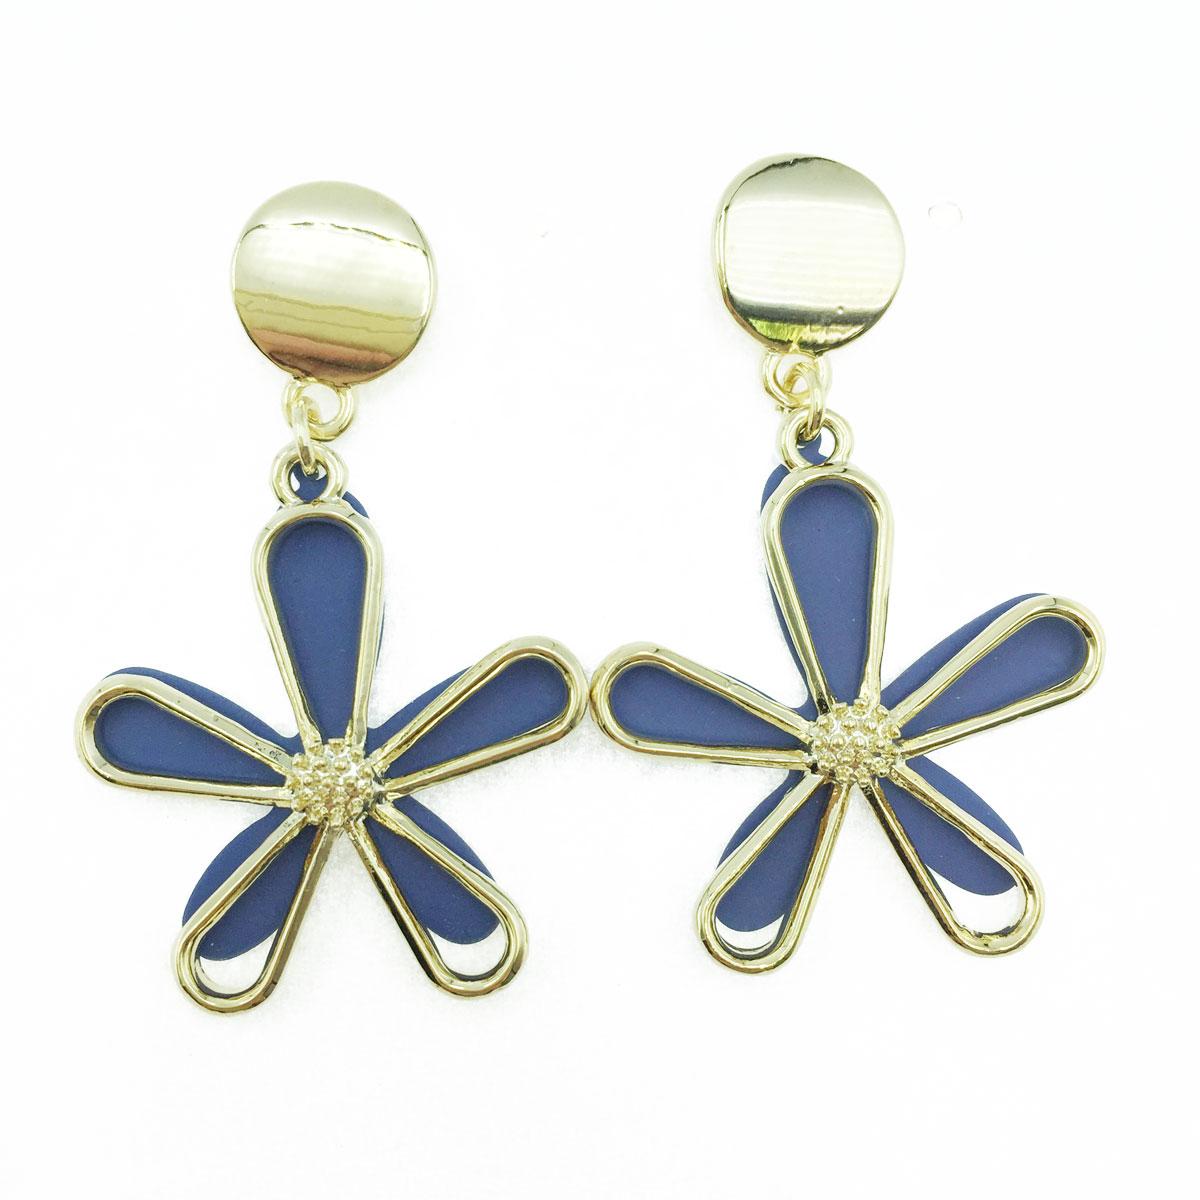 韓國 925純銀 金屬 簍空 花瓣 造型 垂墜感 耳針式耳環